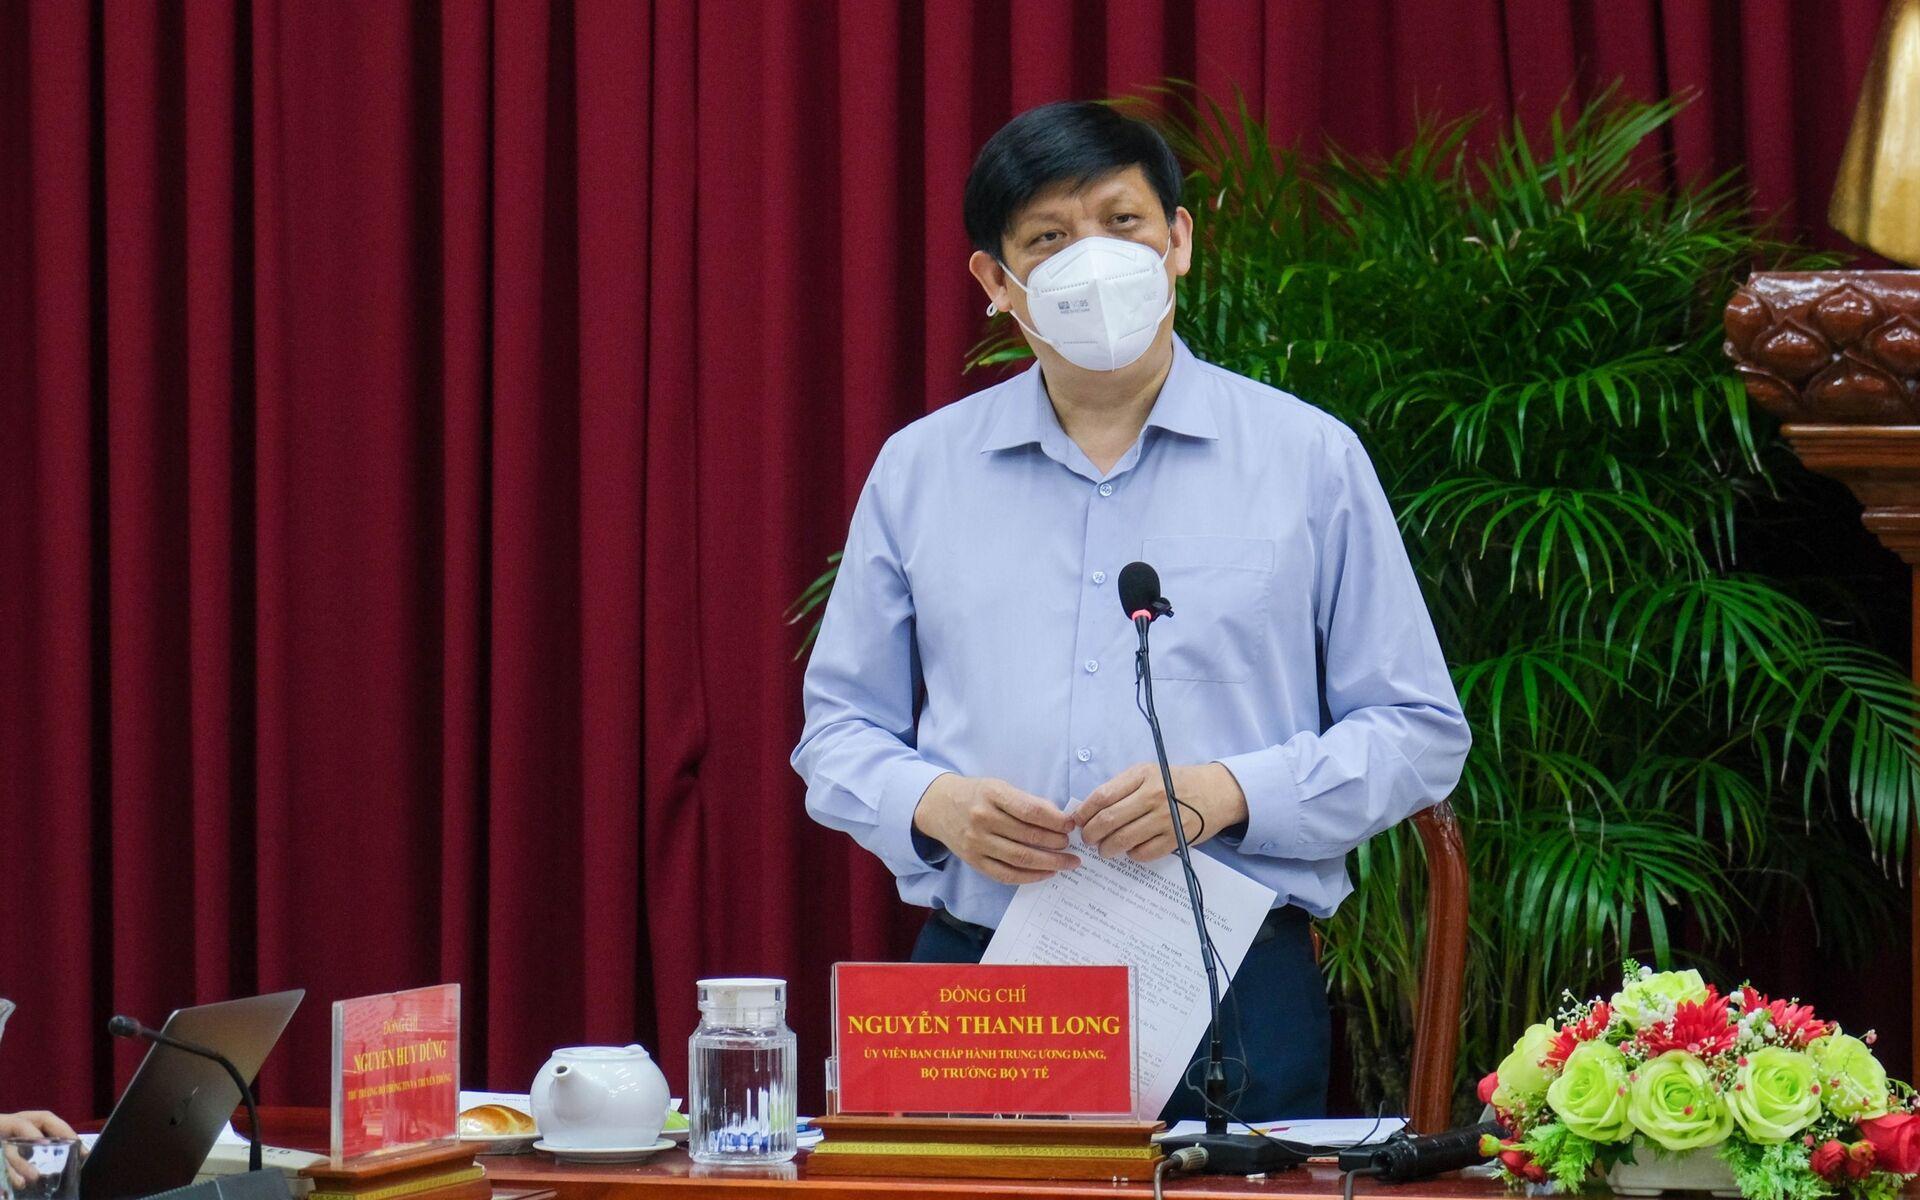 Bộ trưởng Bộ Y tế Nguyễn Thanh Long phát biểu tại buổi làm việc. - Sputnik Việt Nam, 1920, 05.10.2021